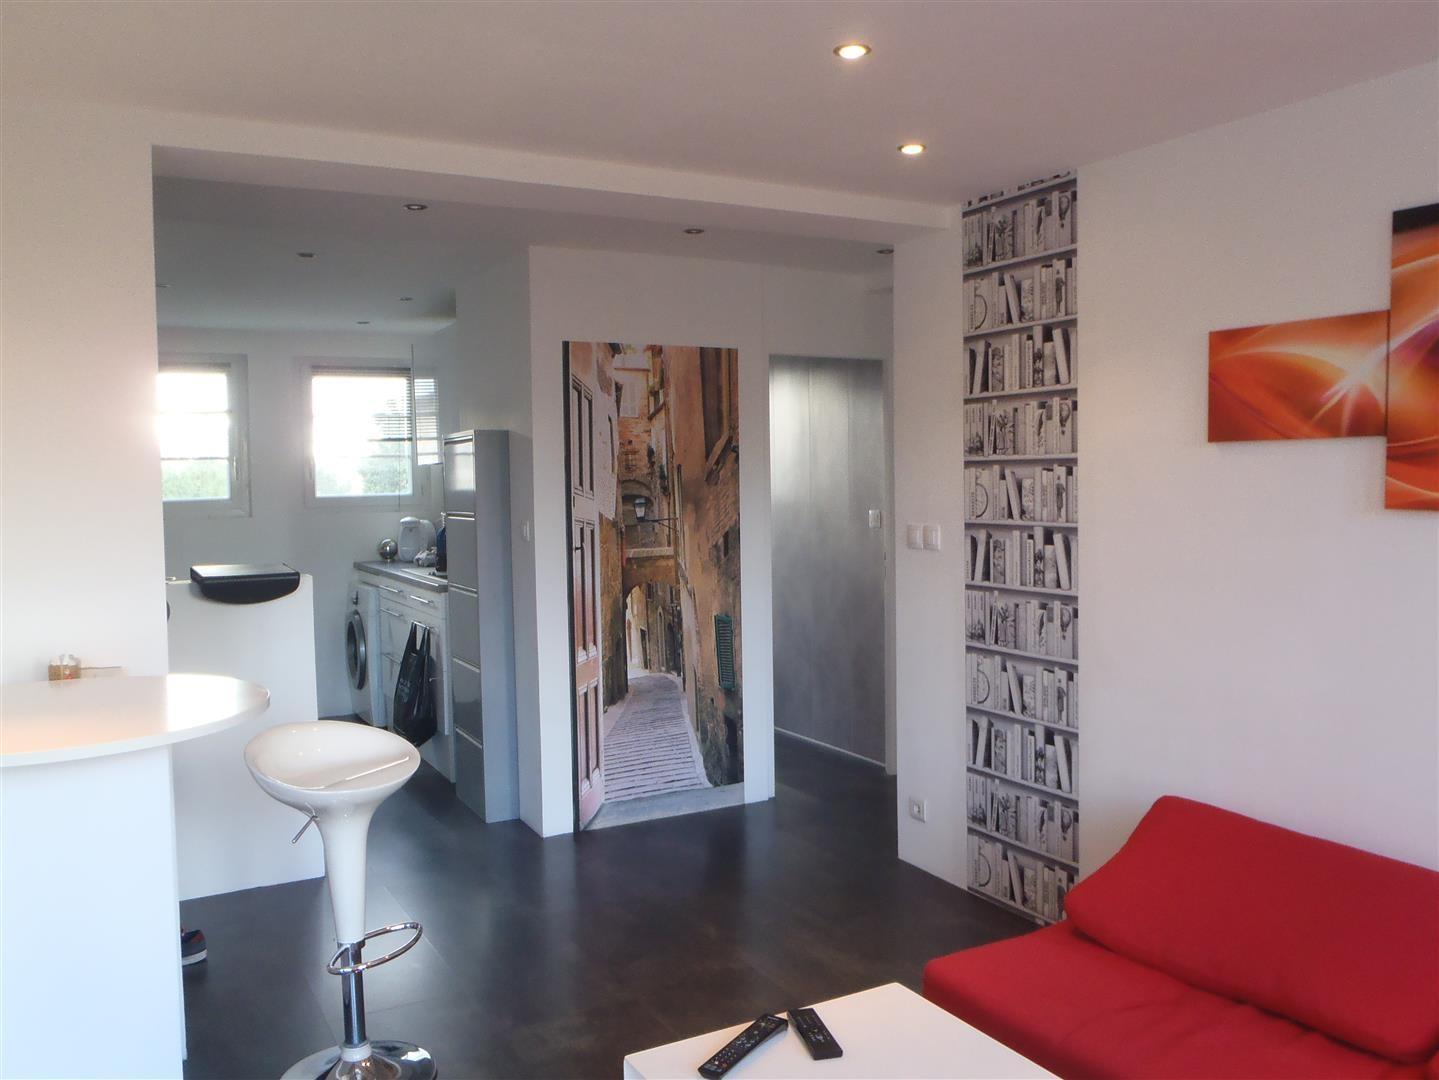 Vendre appartement d co actuelle t4 au havre 76610 for Deco actuelle salon